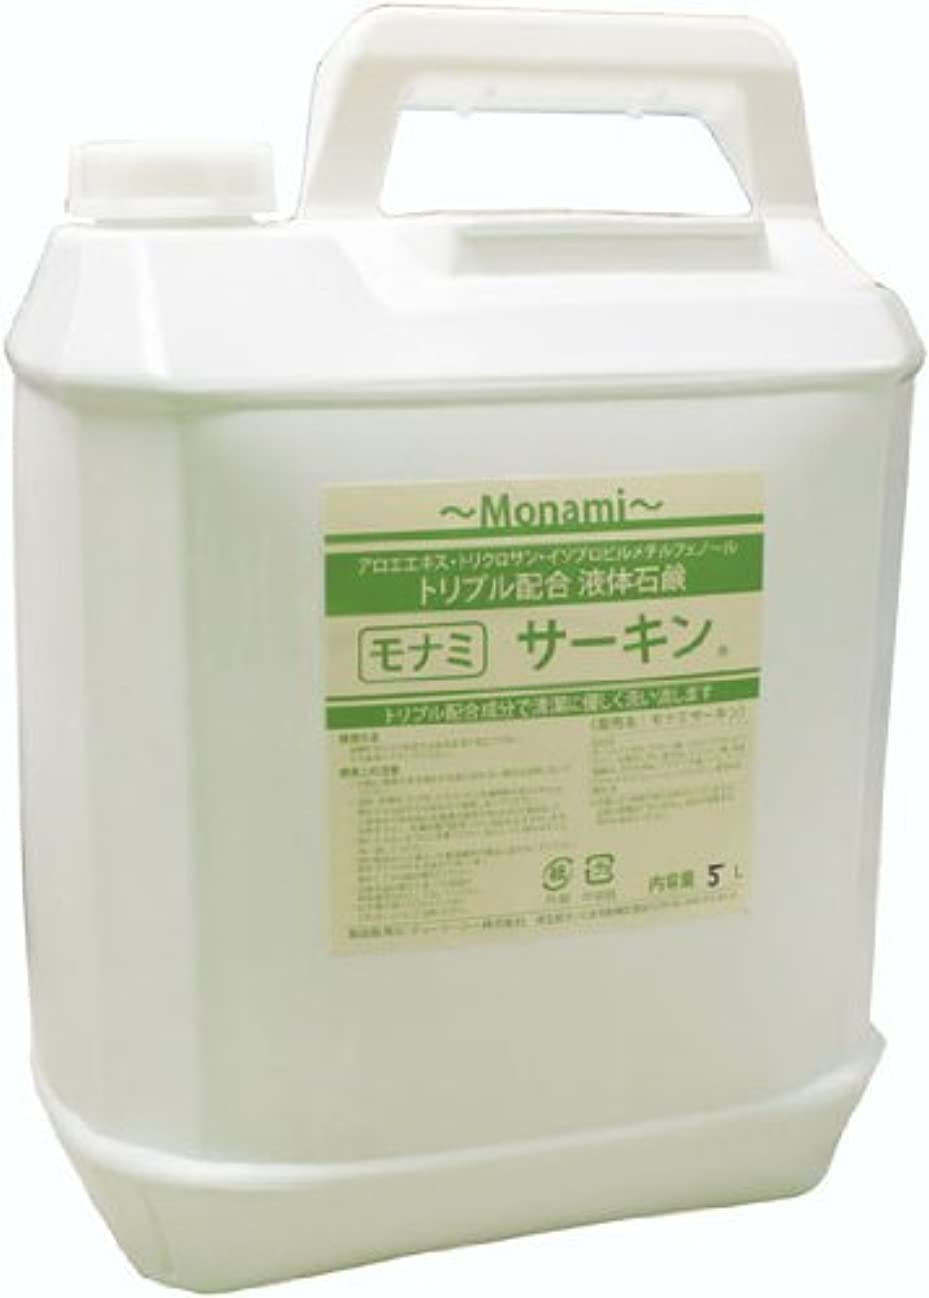 重大できれば縮れた保湿剤配合業務用液体ソープ「モナミ サーキン5L」アロエエキス、トリクロサン、イソプロピルメチルフェノール配合